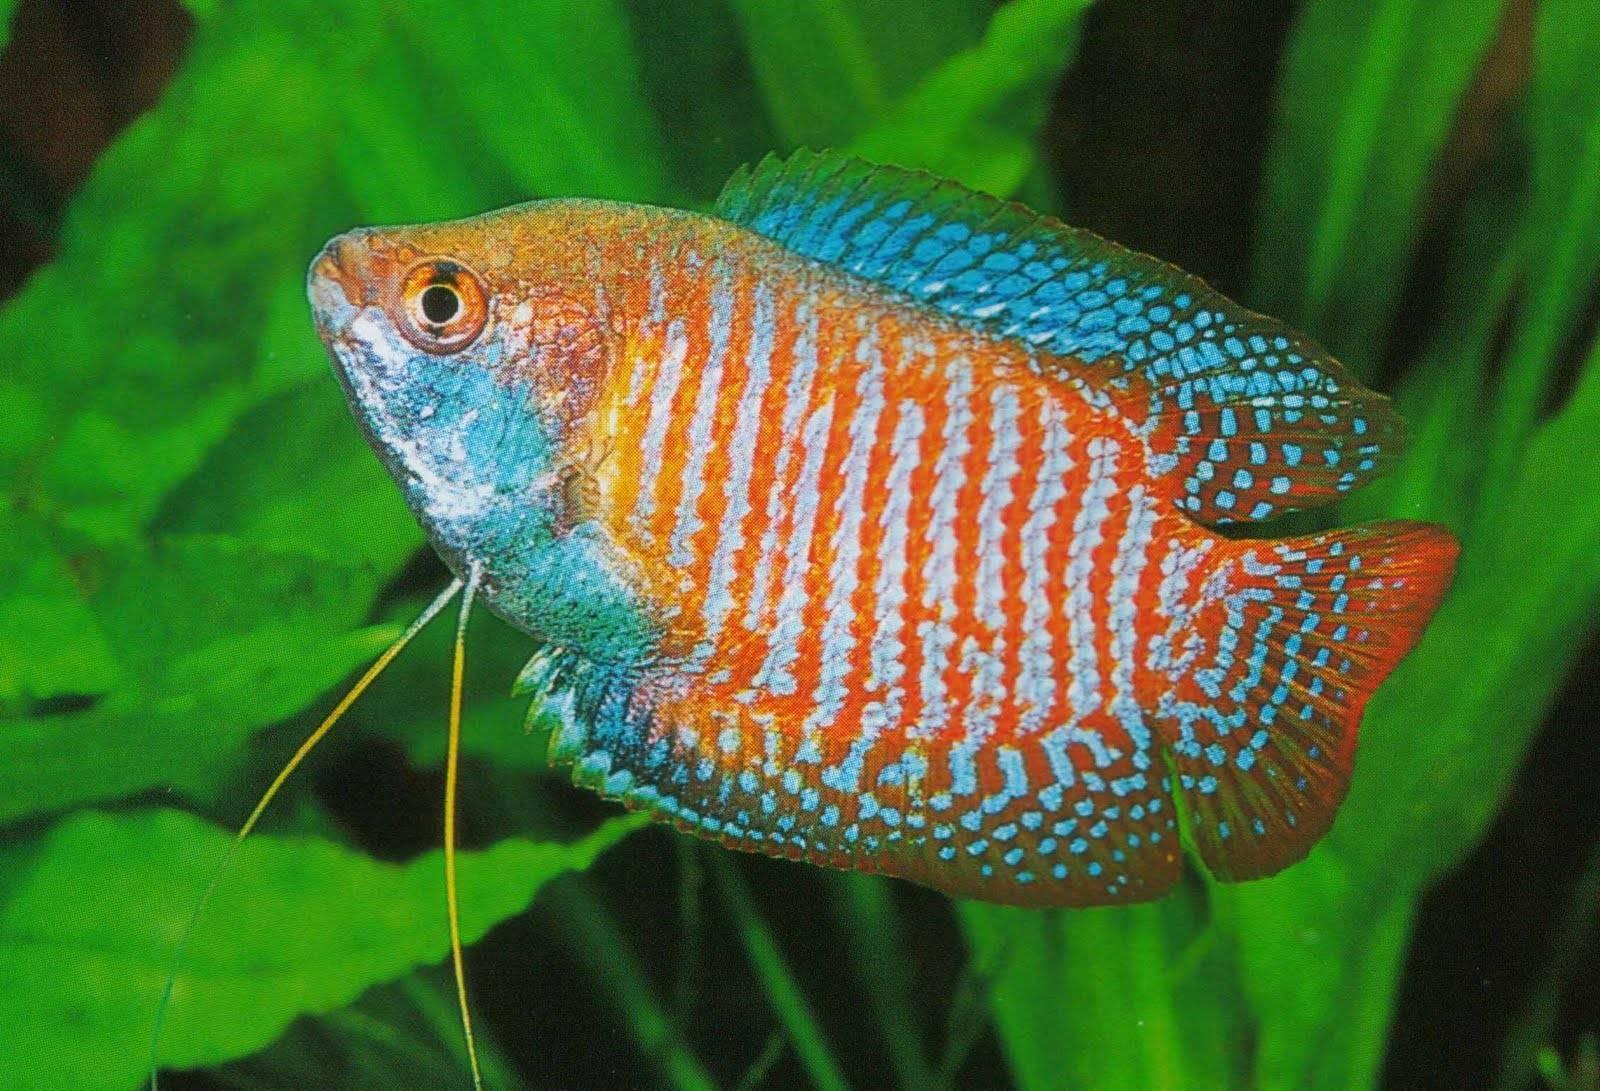 Аквариумная рыбка лялиус: фото, содержание и кормление, размножение и разведение.